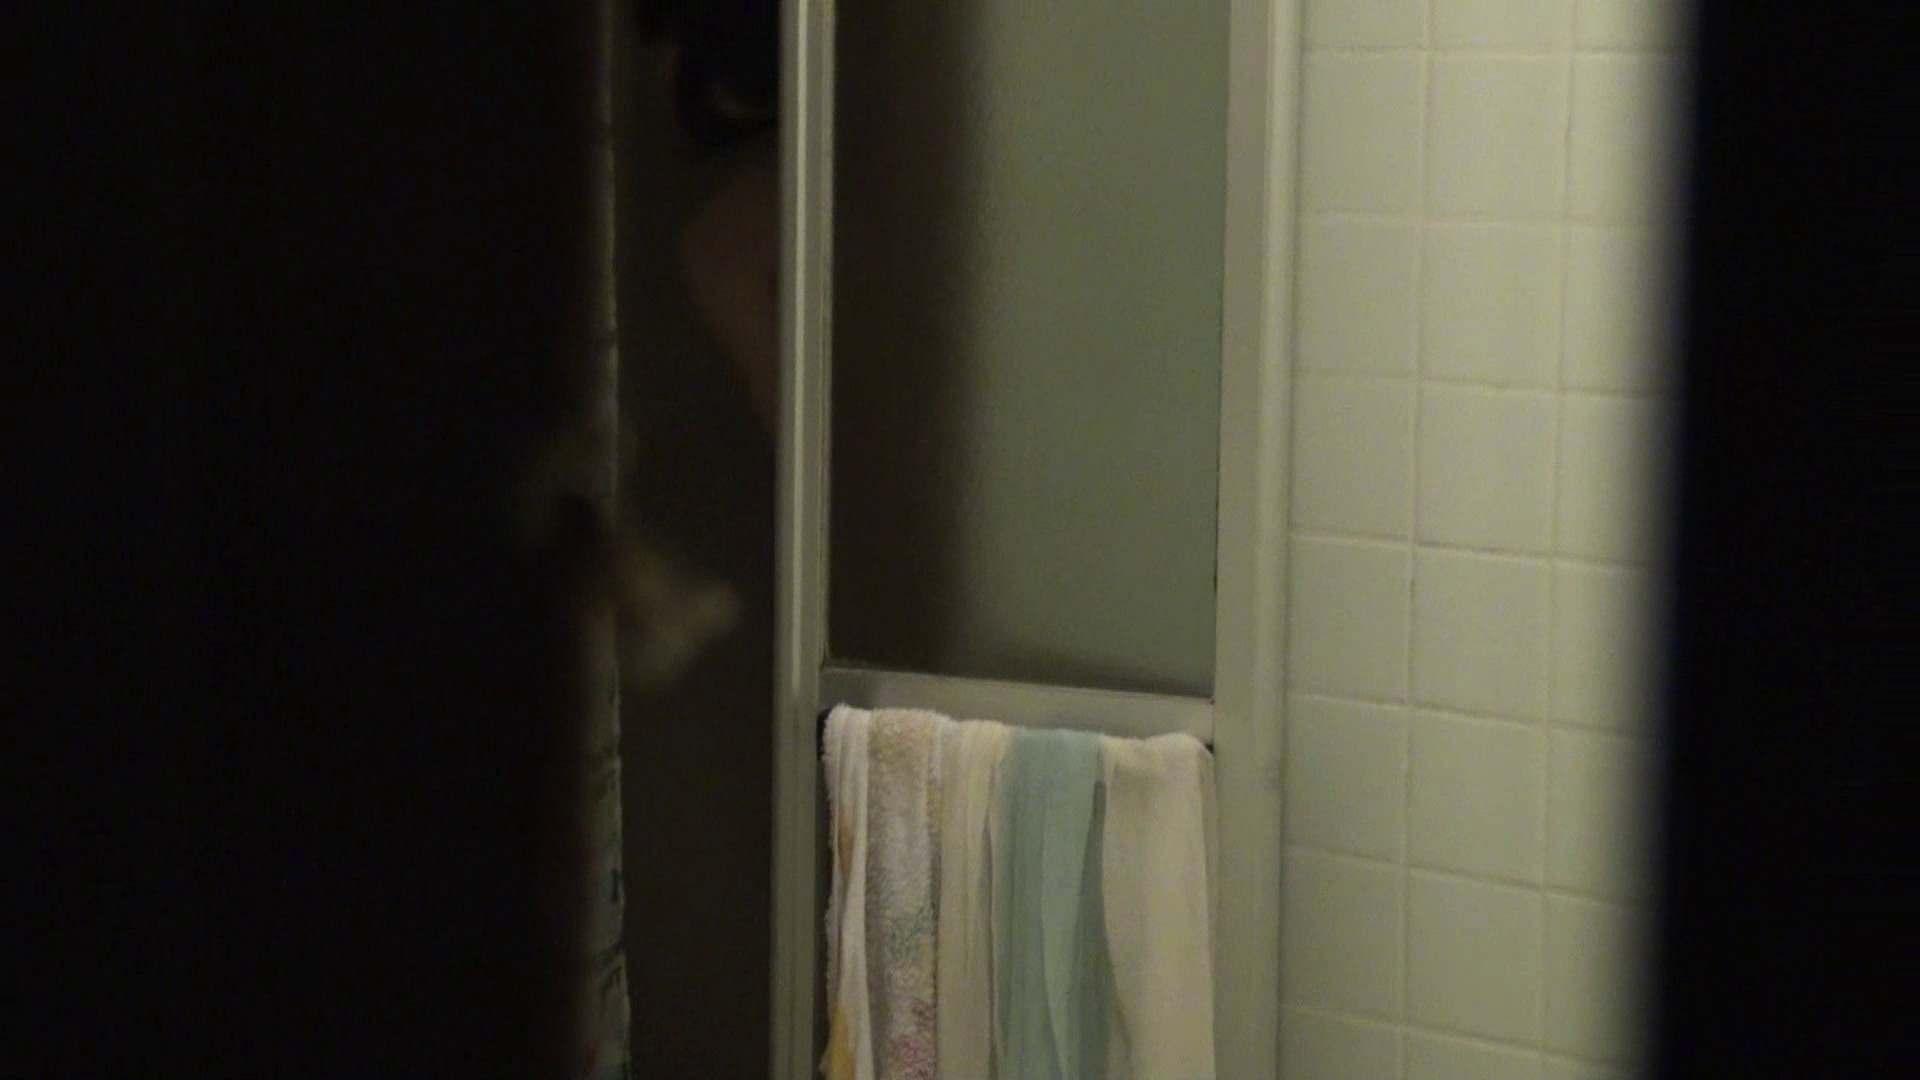 vol.06顔を洗い流す極上お女市さんの裸体をハイビジョンで!風呂上り着替え必見! 細身女性 AV無料 68画像 67